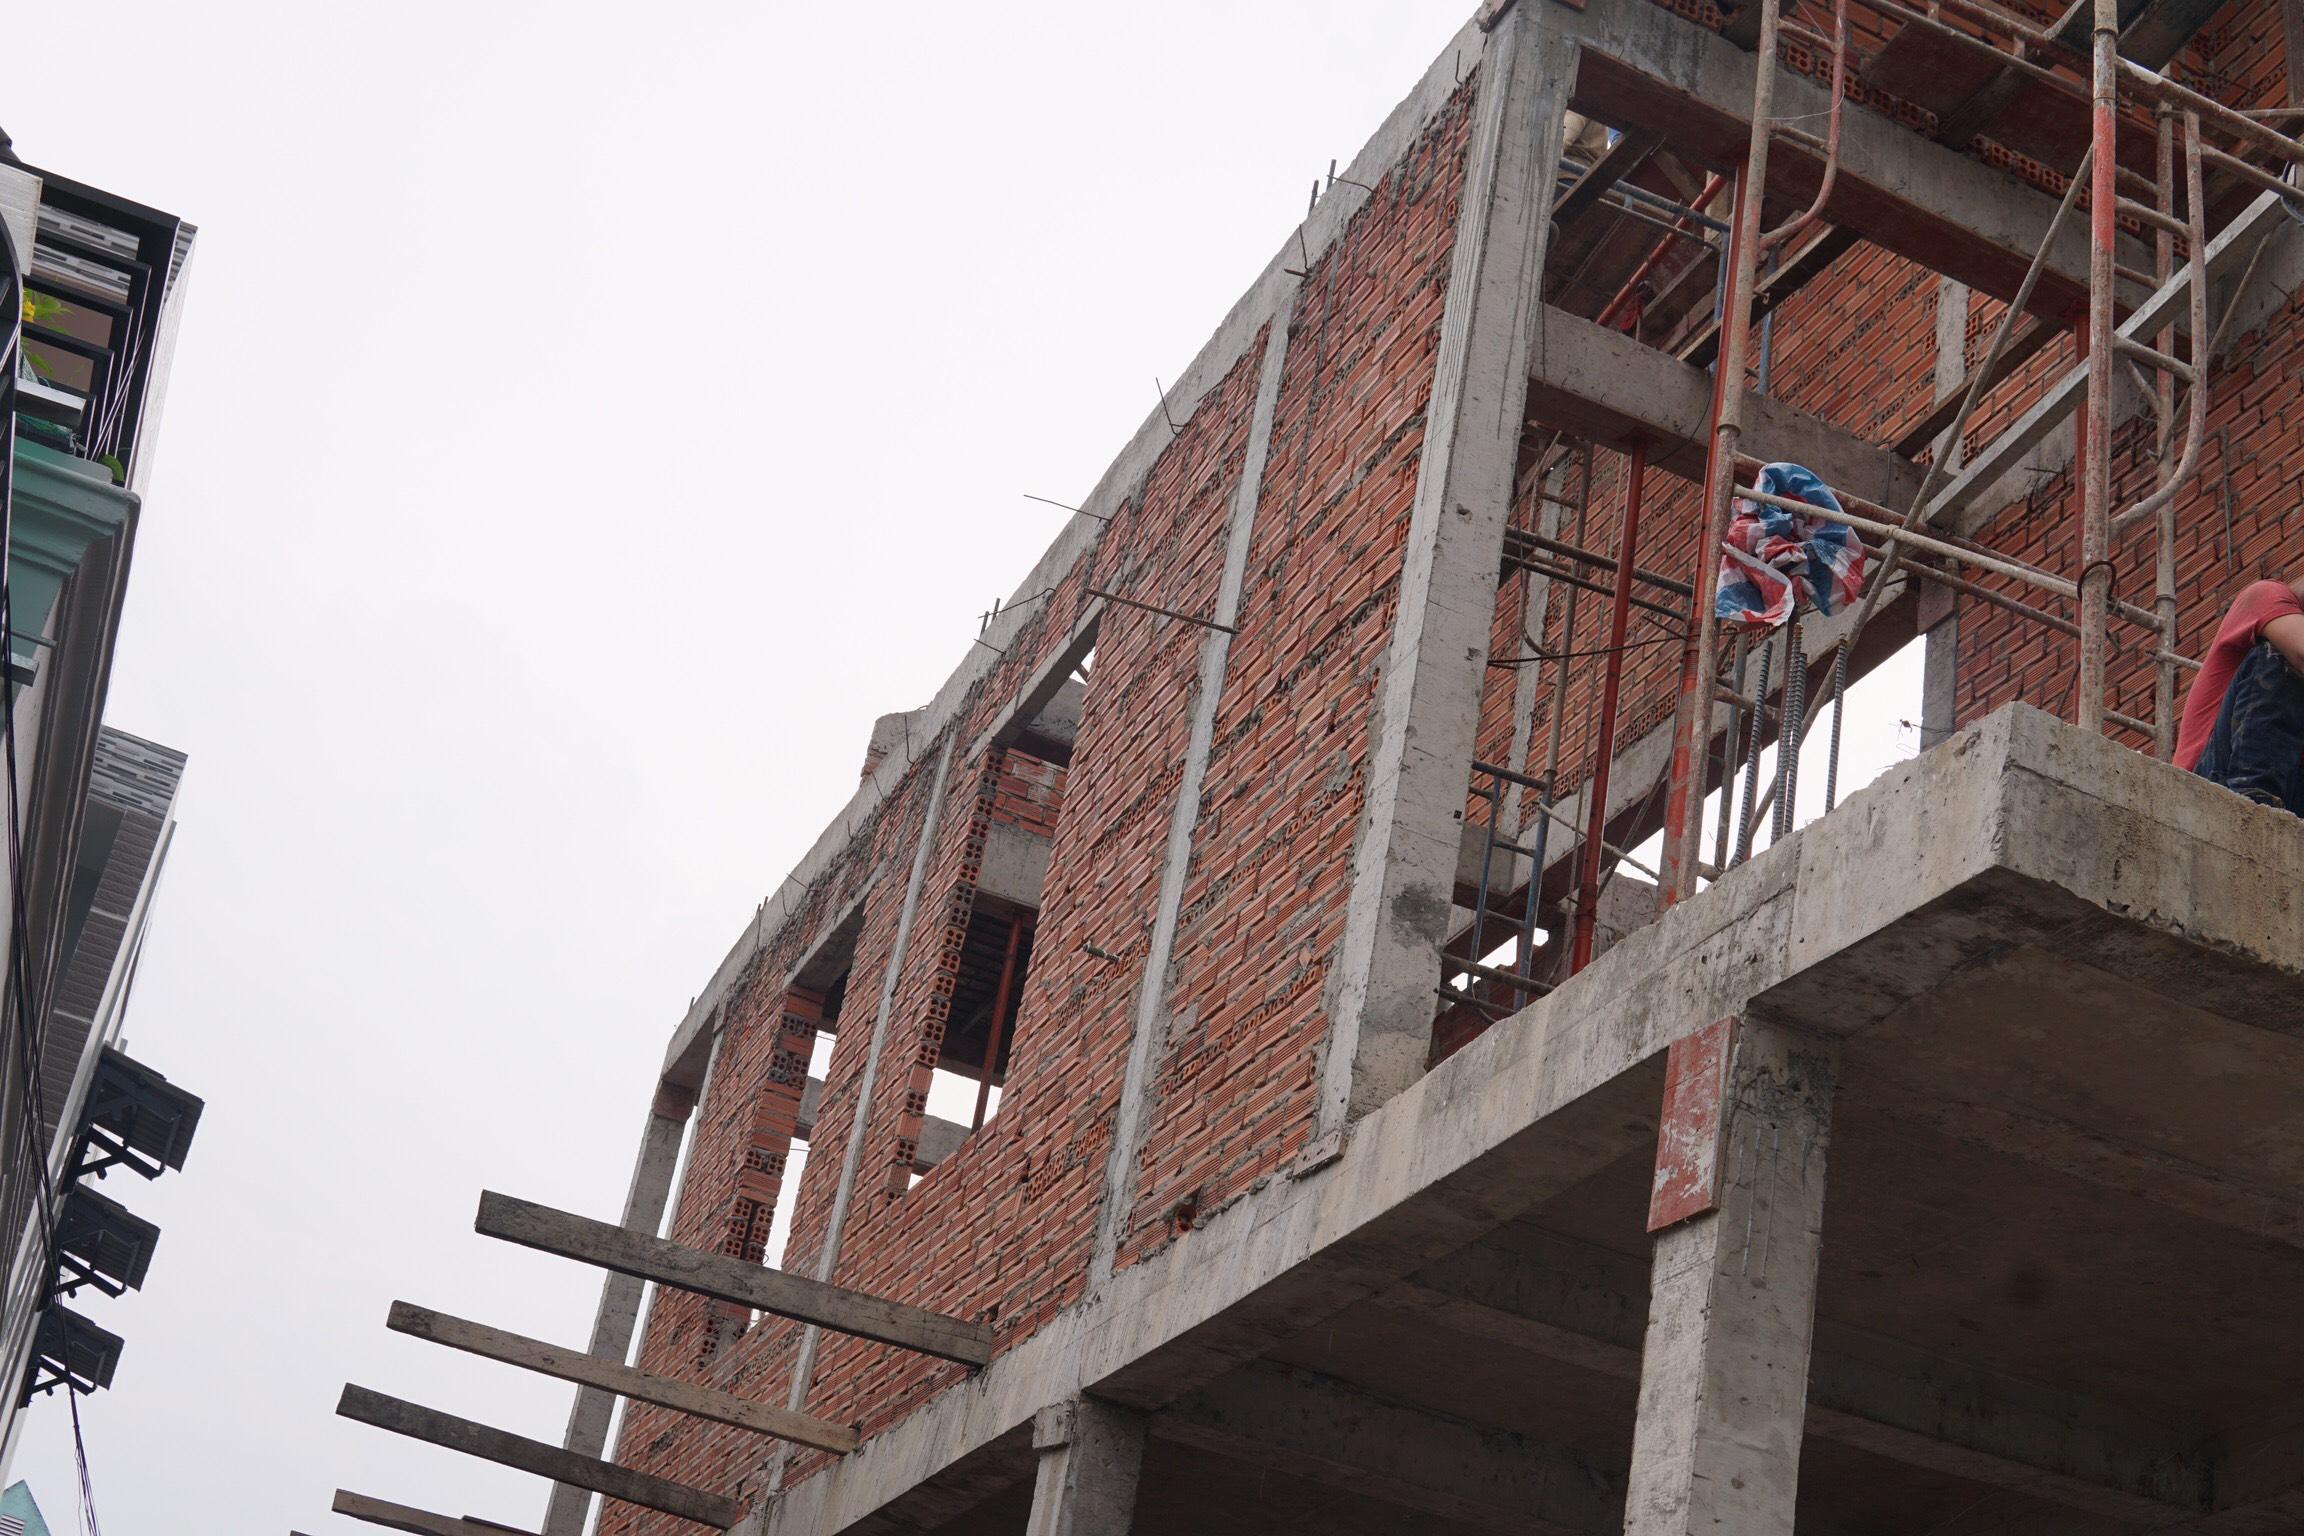 thi cong nha 2 tang mat tien 6m 9 Mẫu nhà 2 tầng 6x12m khiêm tốn về diện tích   Thông Minh về thiết kế của vợ chồng 9X